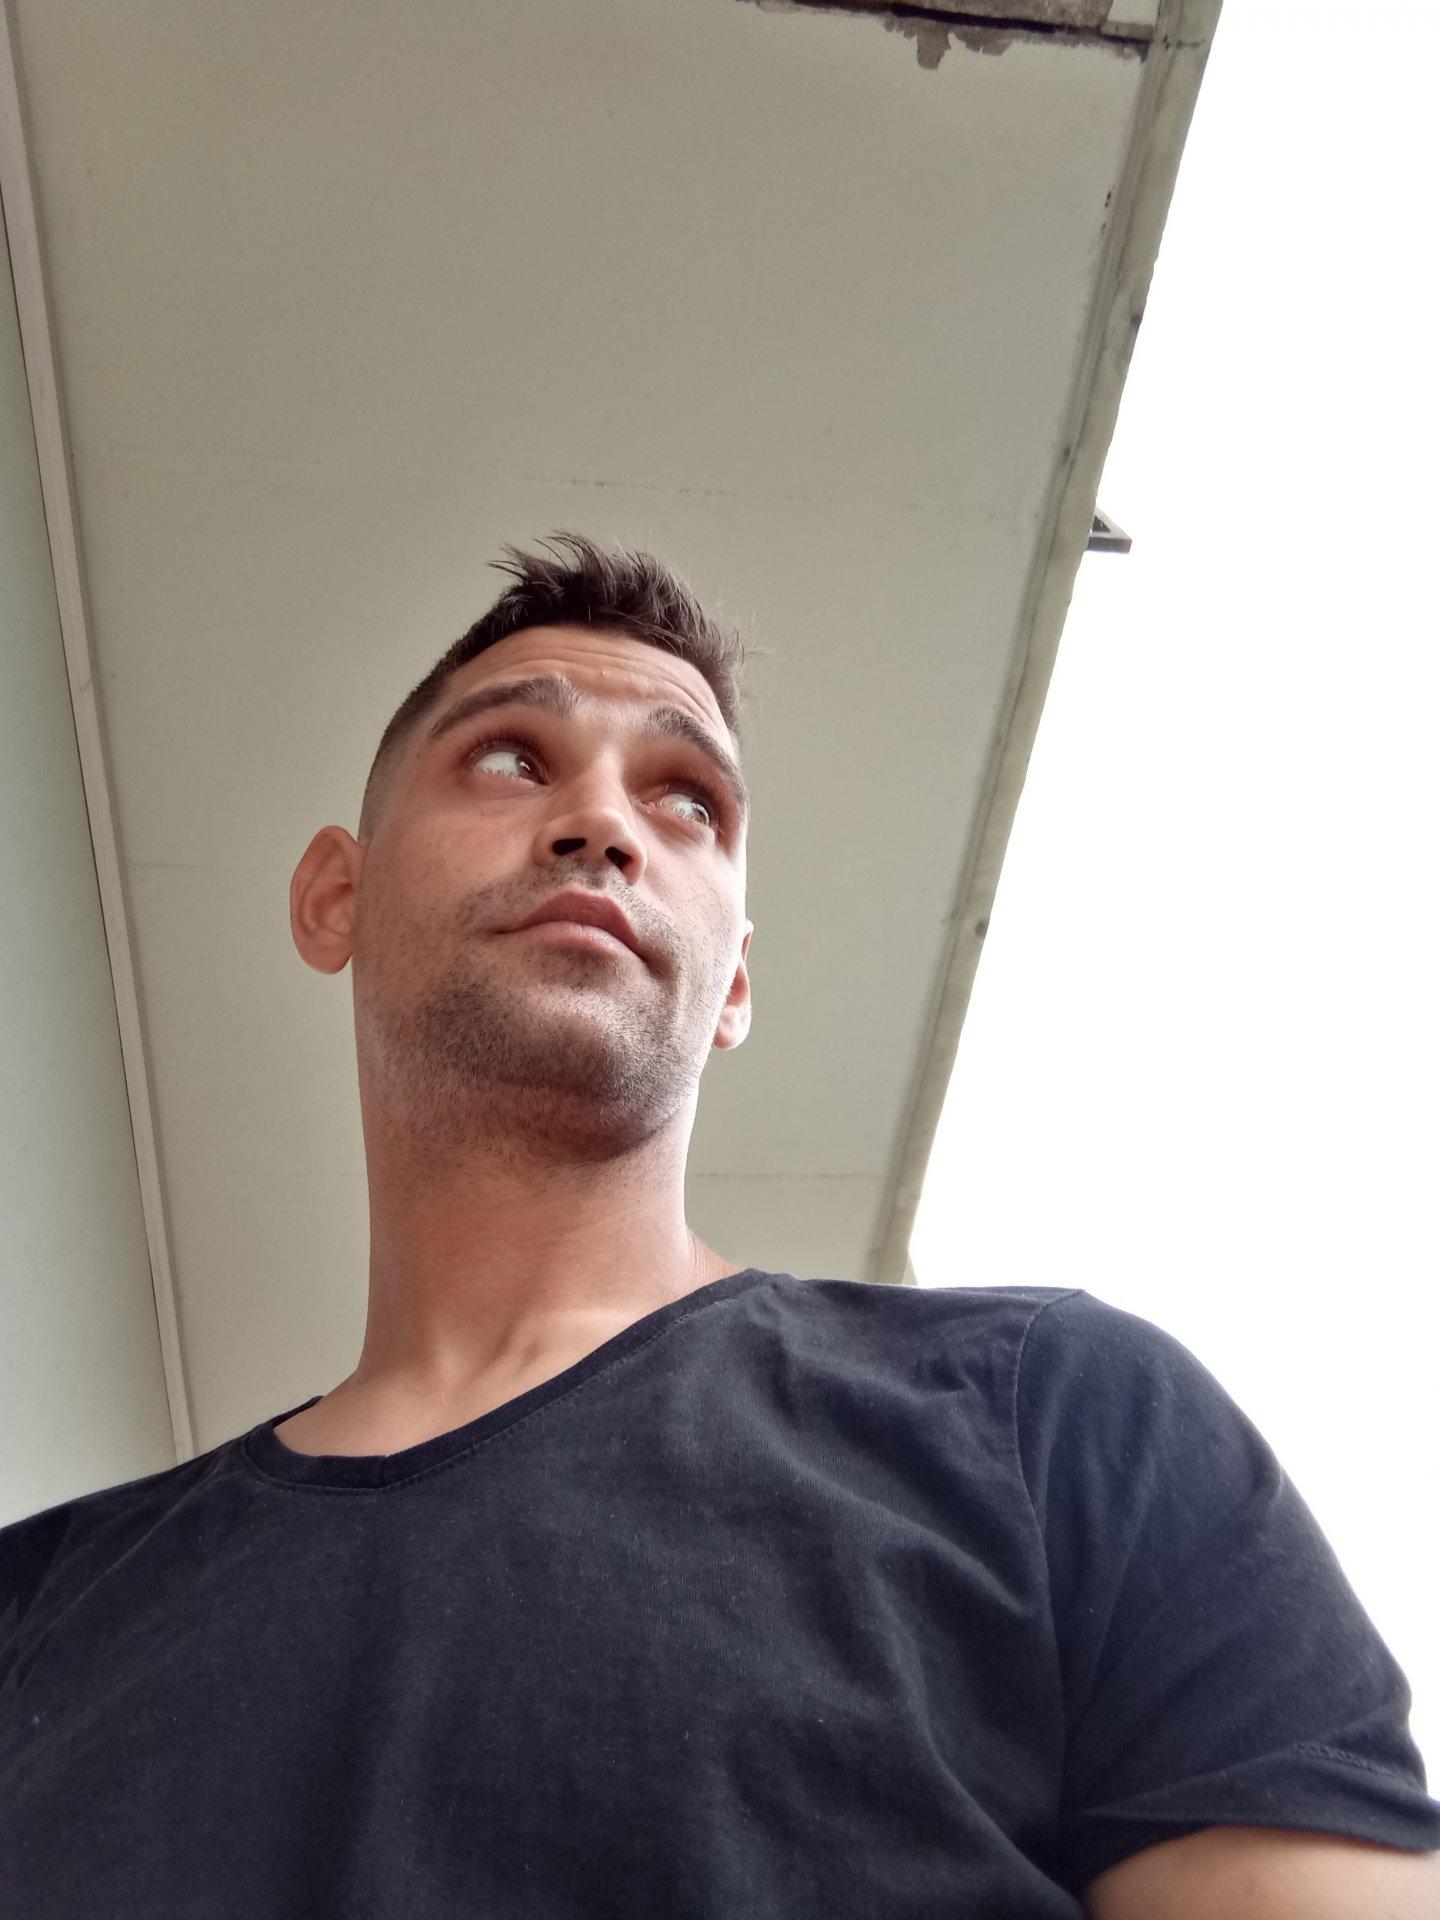 Mike23  aus Steiermark,Österreich